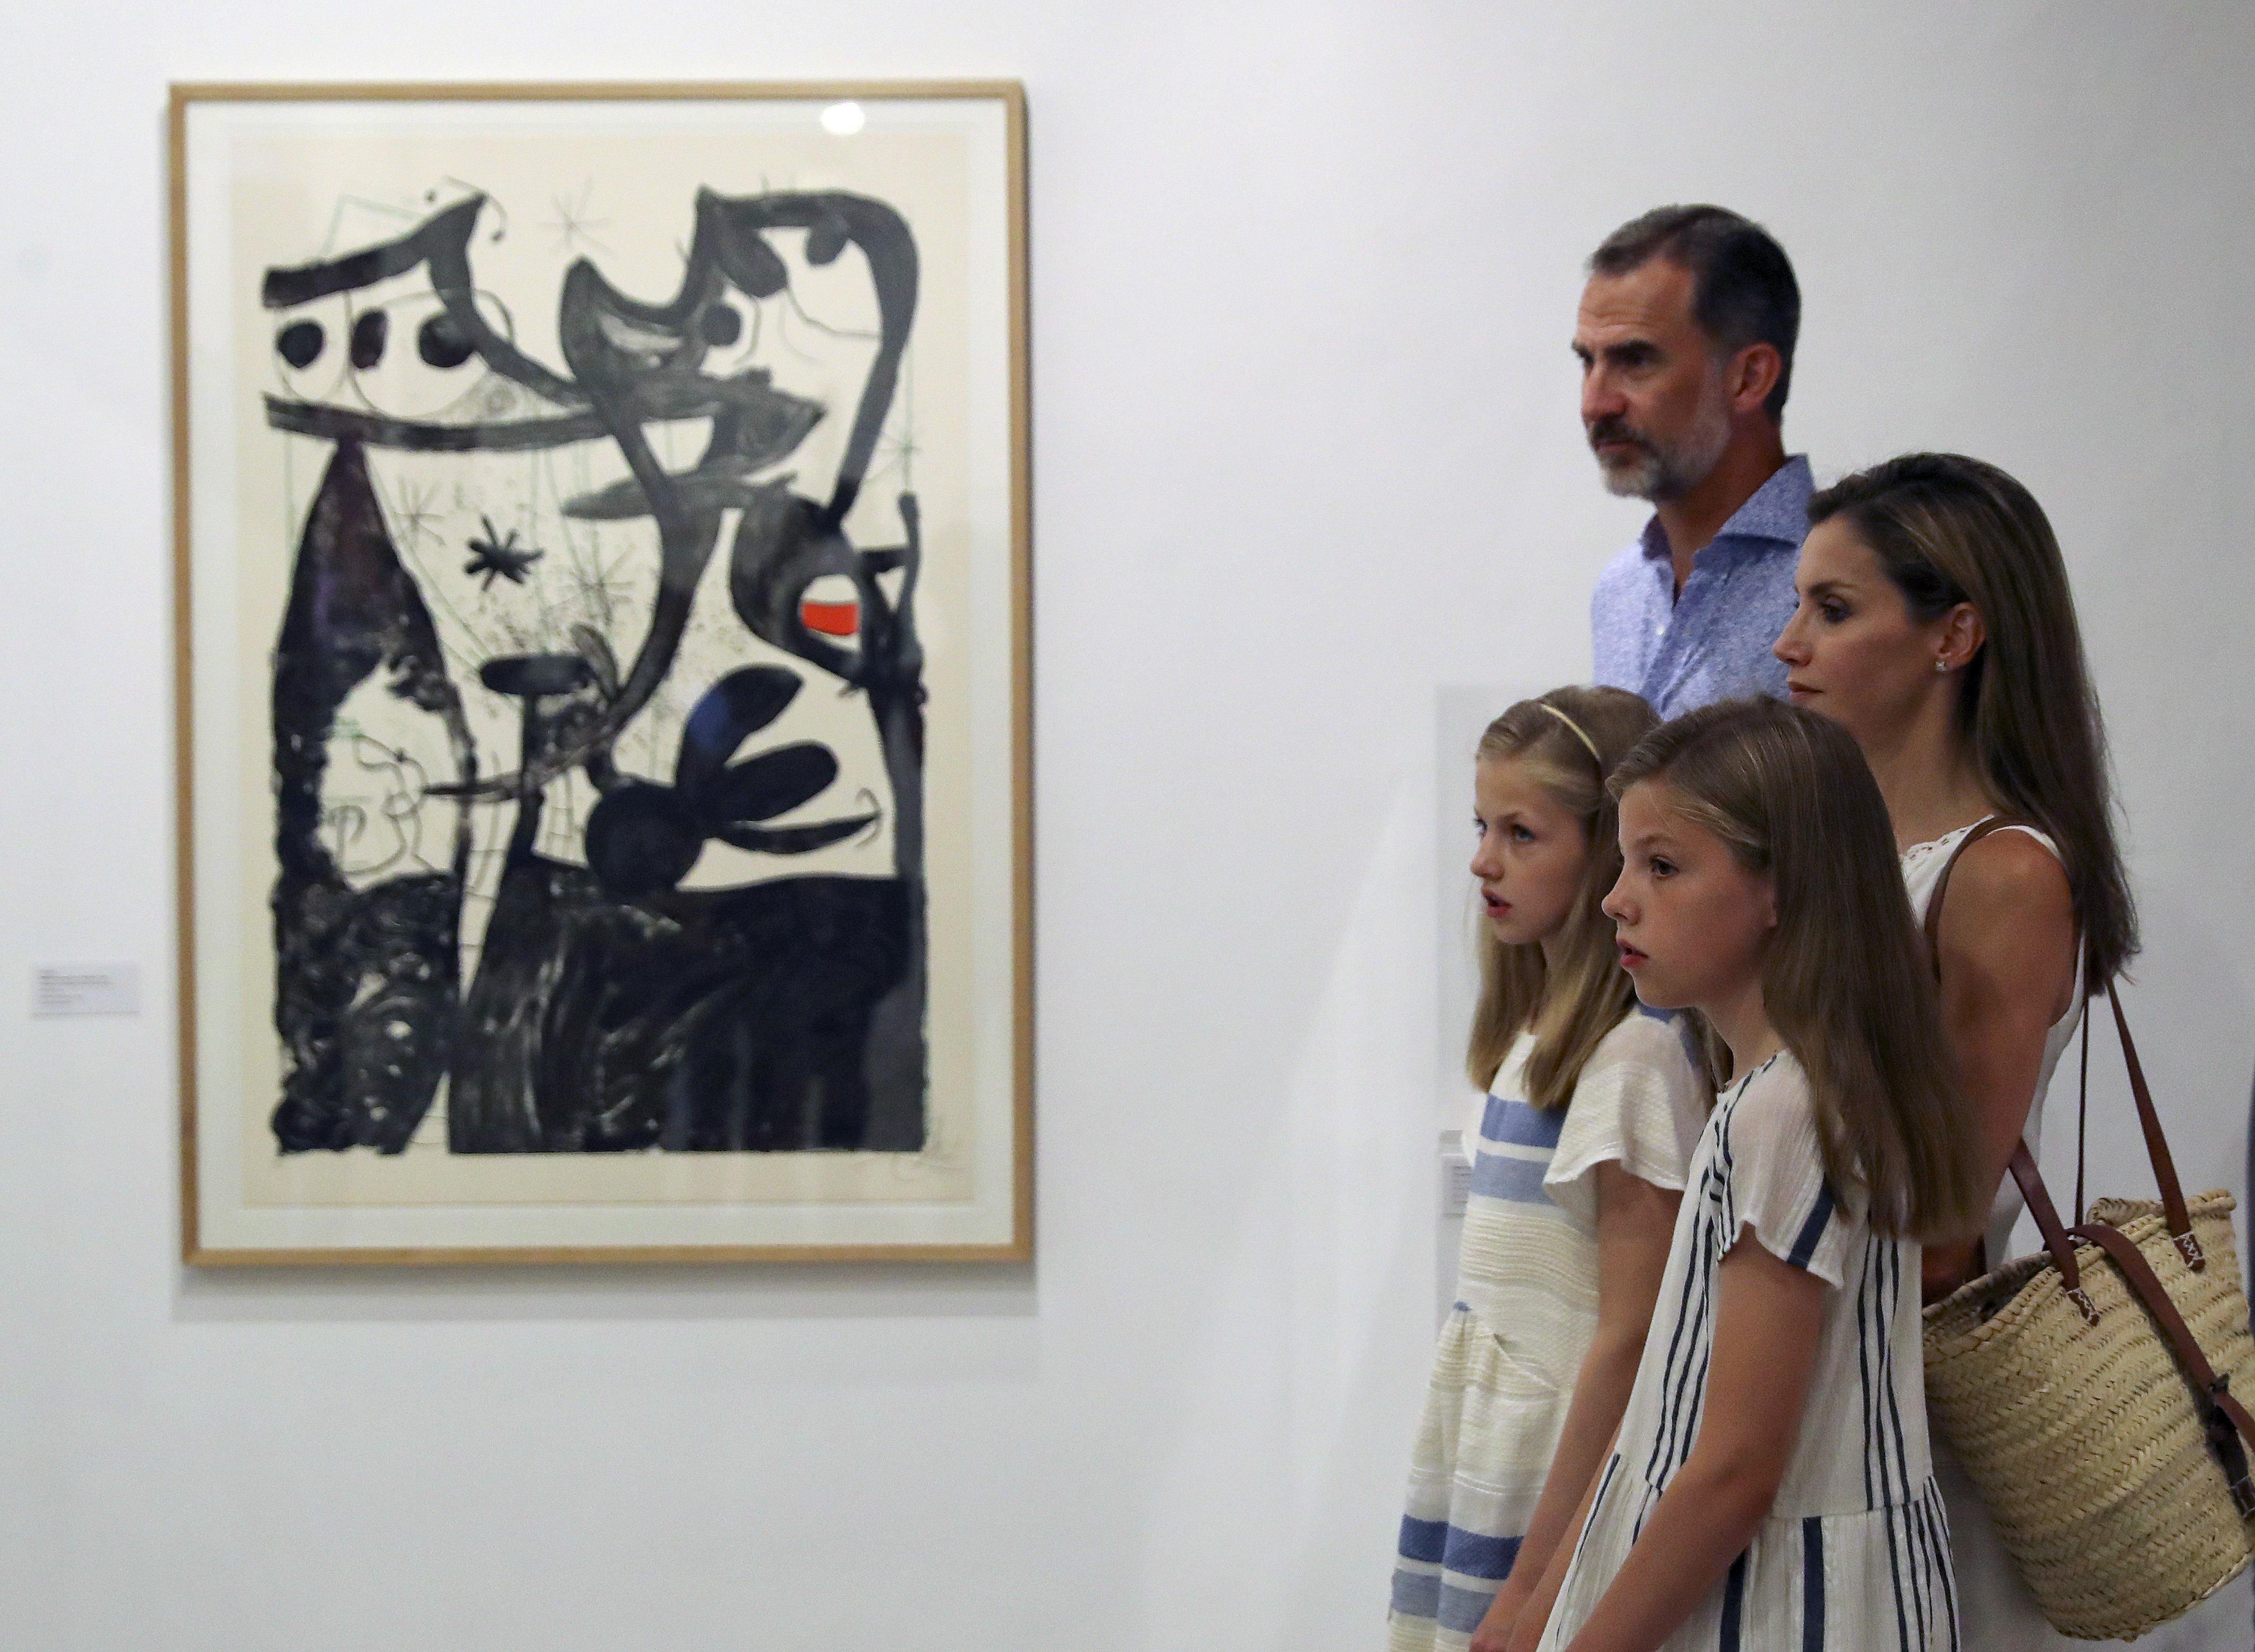 Els Reis i les seves filles, Leonor i Sofia, durant la seva visita al museu modernista Can Prunera, a Sóller. /BALLESTEROS